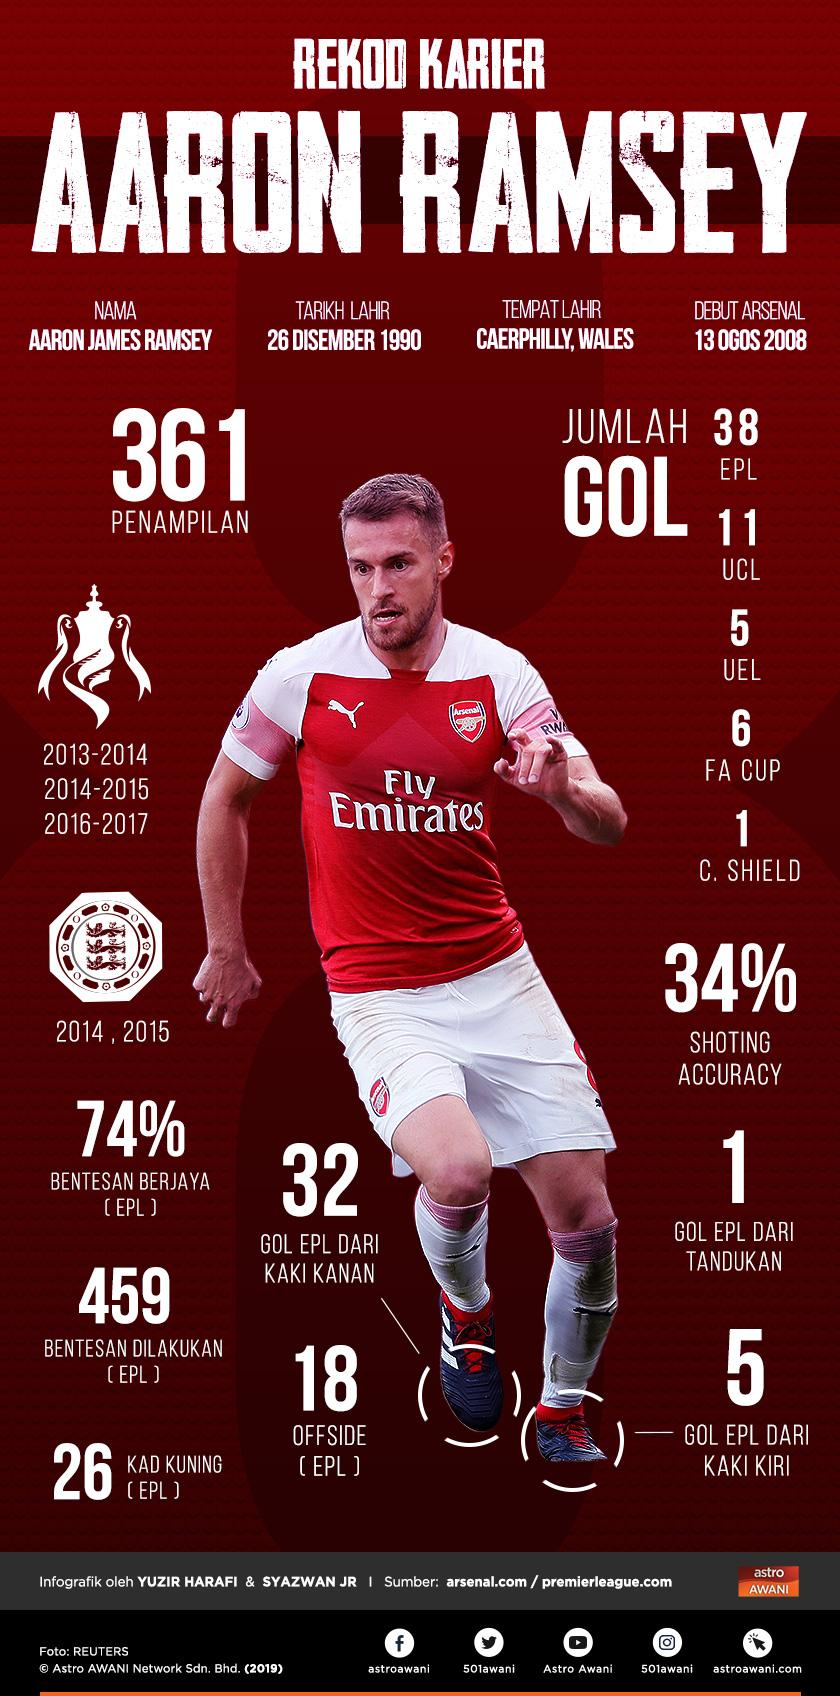 Infografik karier Aaron Ramsey di Arsenal sejak 2008. Infografik ini dibuat berdasarkan data sehingga 16 Februari 2019